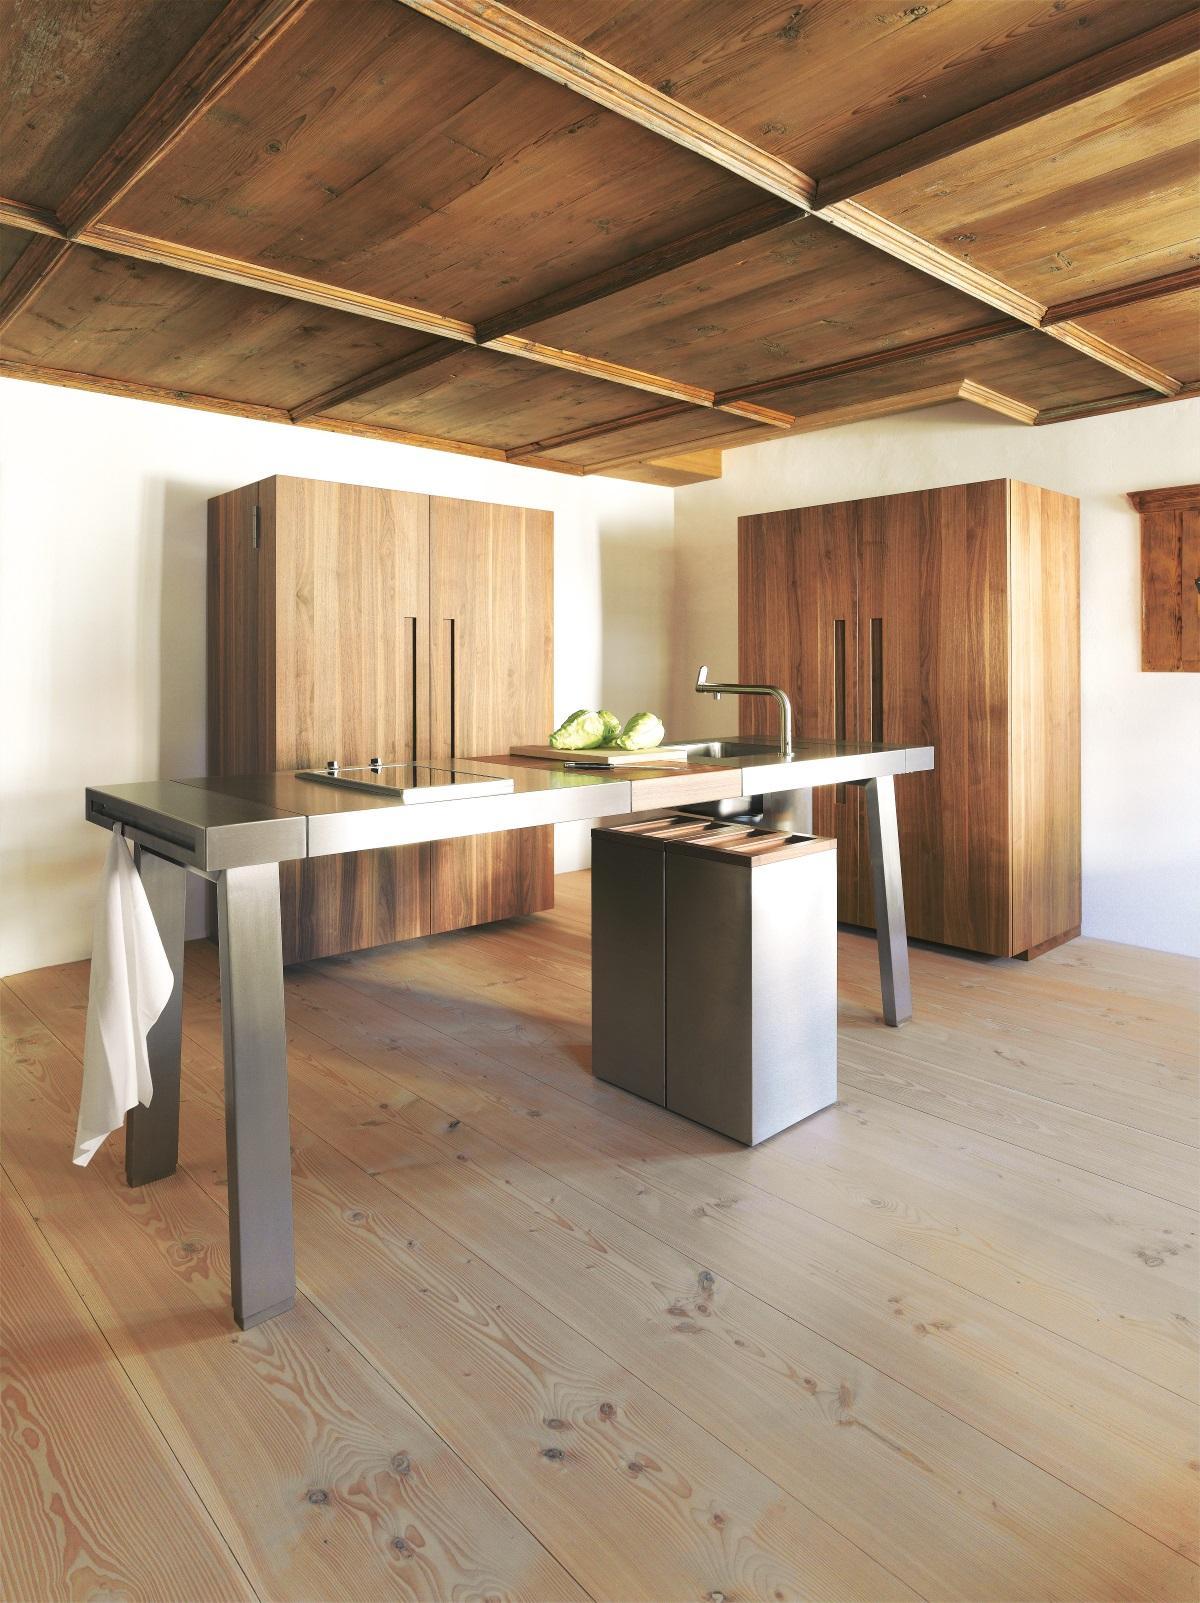 Küchentisch aus arbeitsplatte  bulthaup #b2 #küche #arbeitsplatte #kücheninsel #küc...